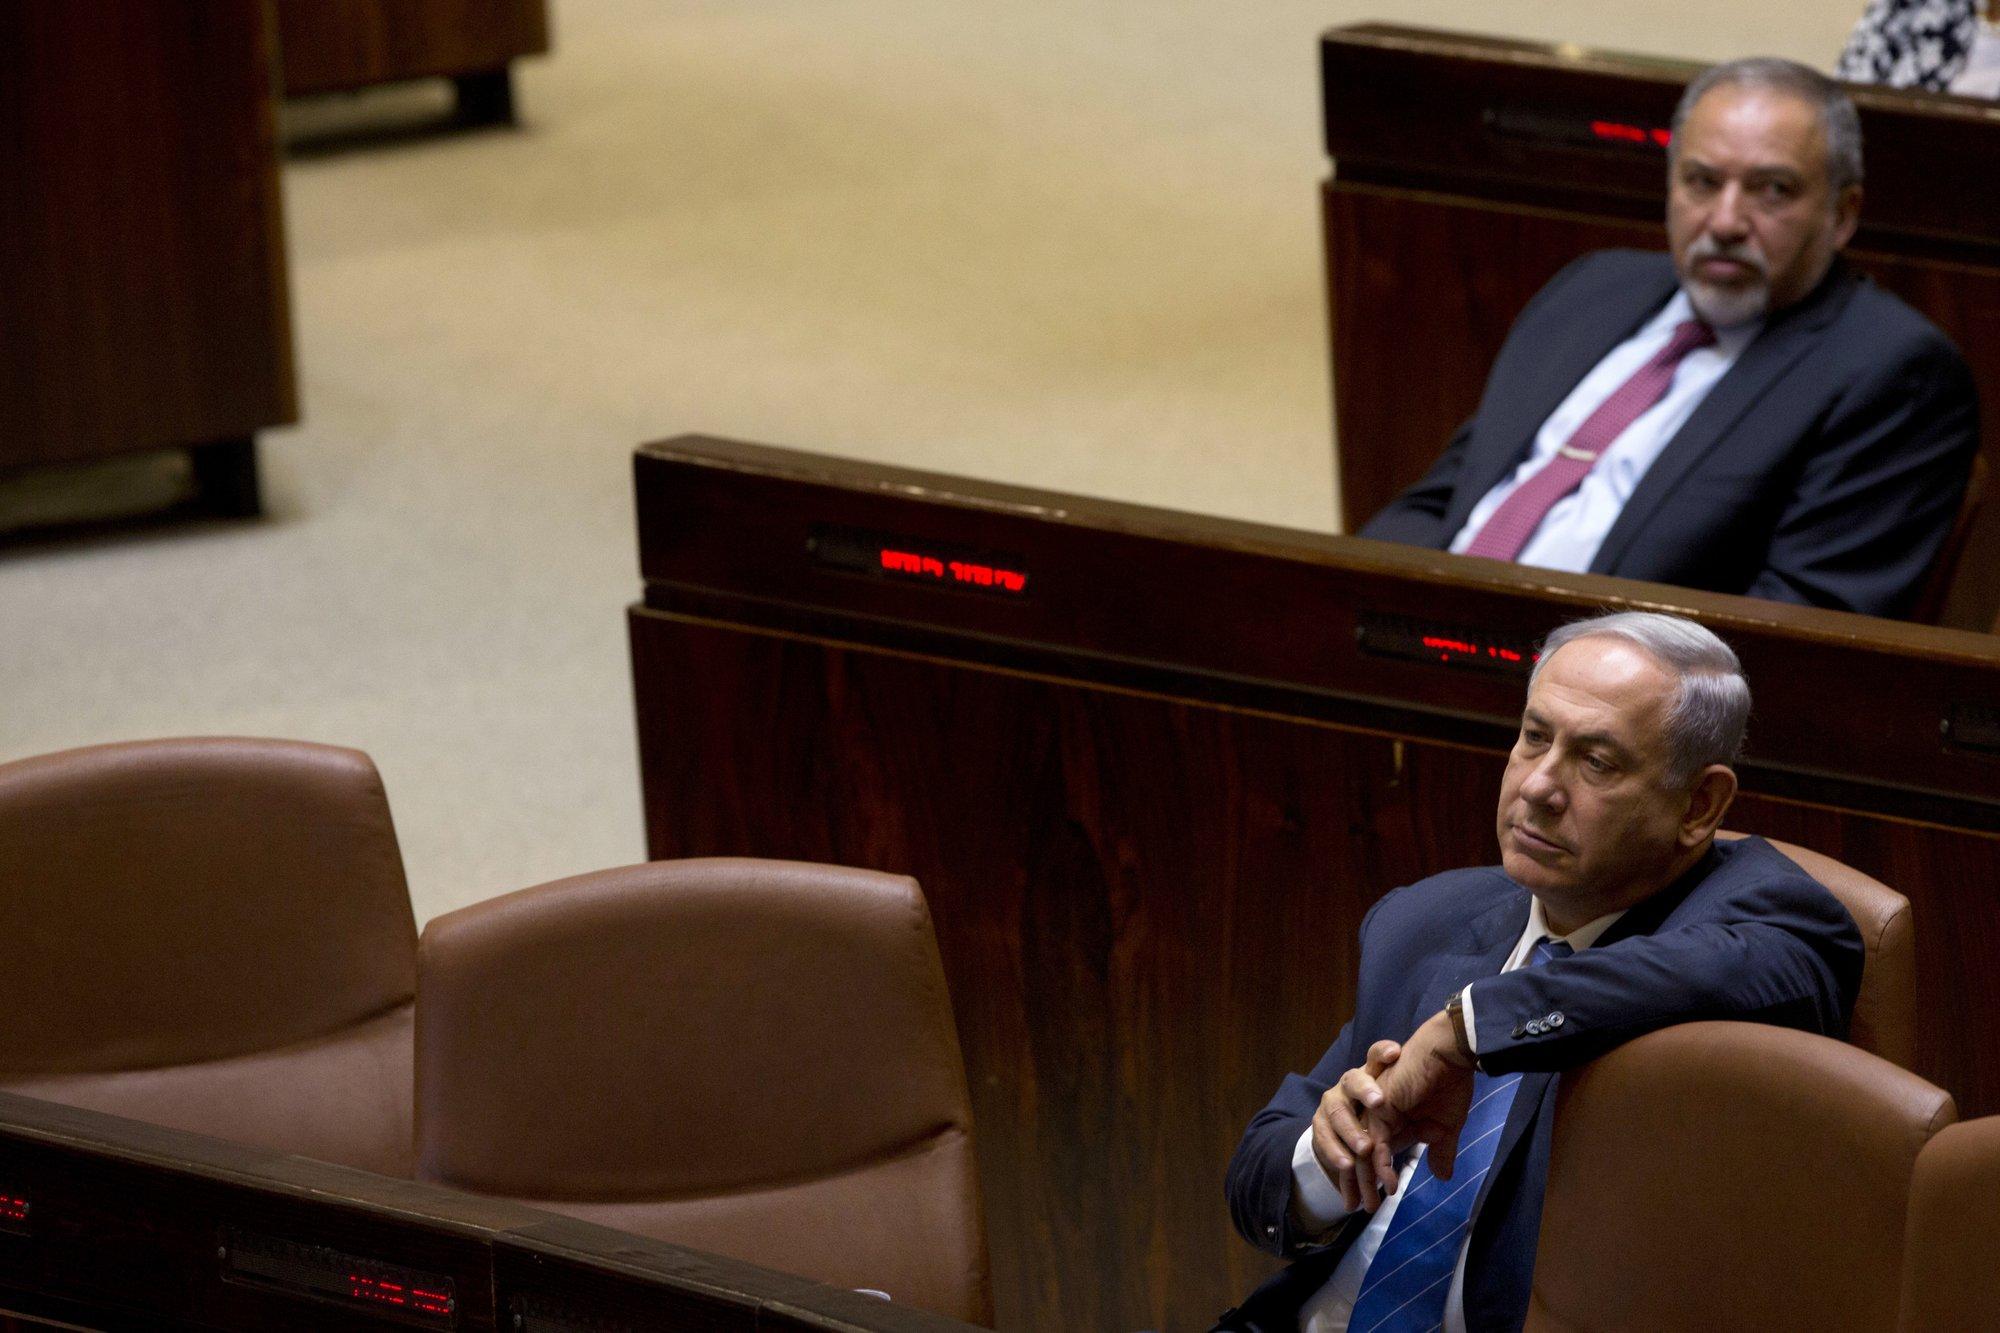 快讯!内塔尼亚胡未能完成组阁,以色列决定再次举行选举_中欧新闻_欧洲中文网